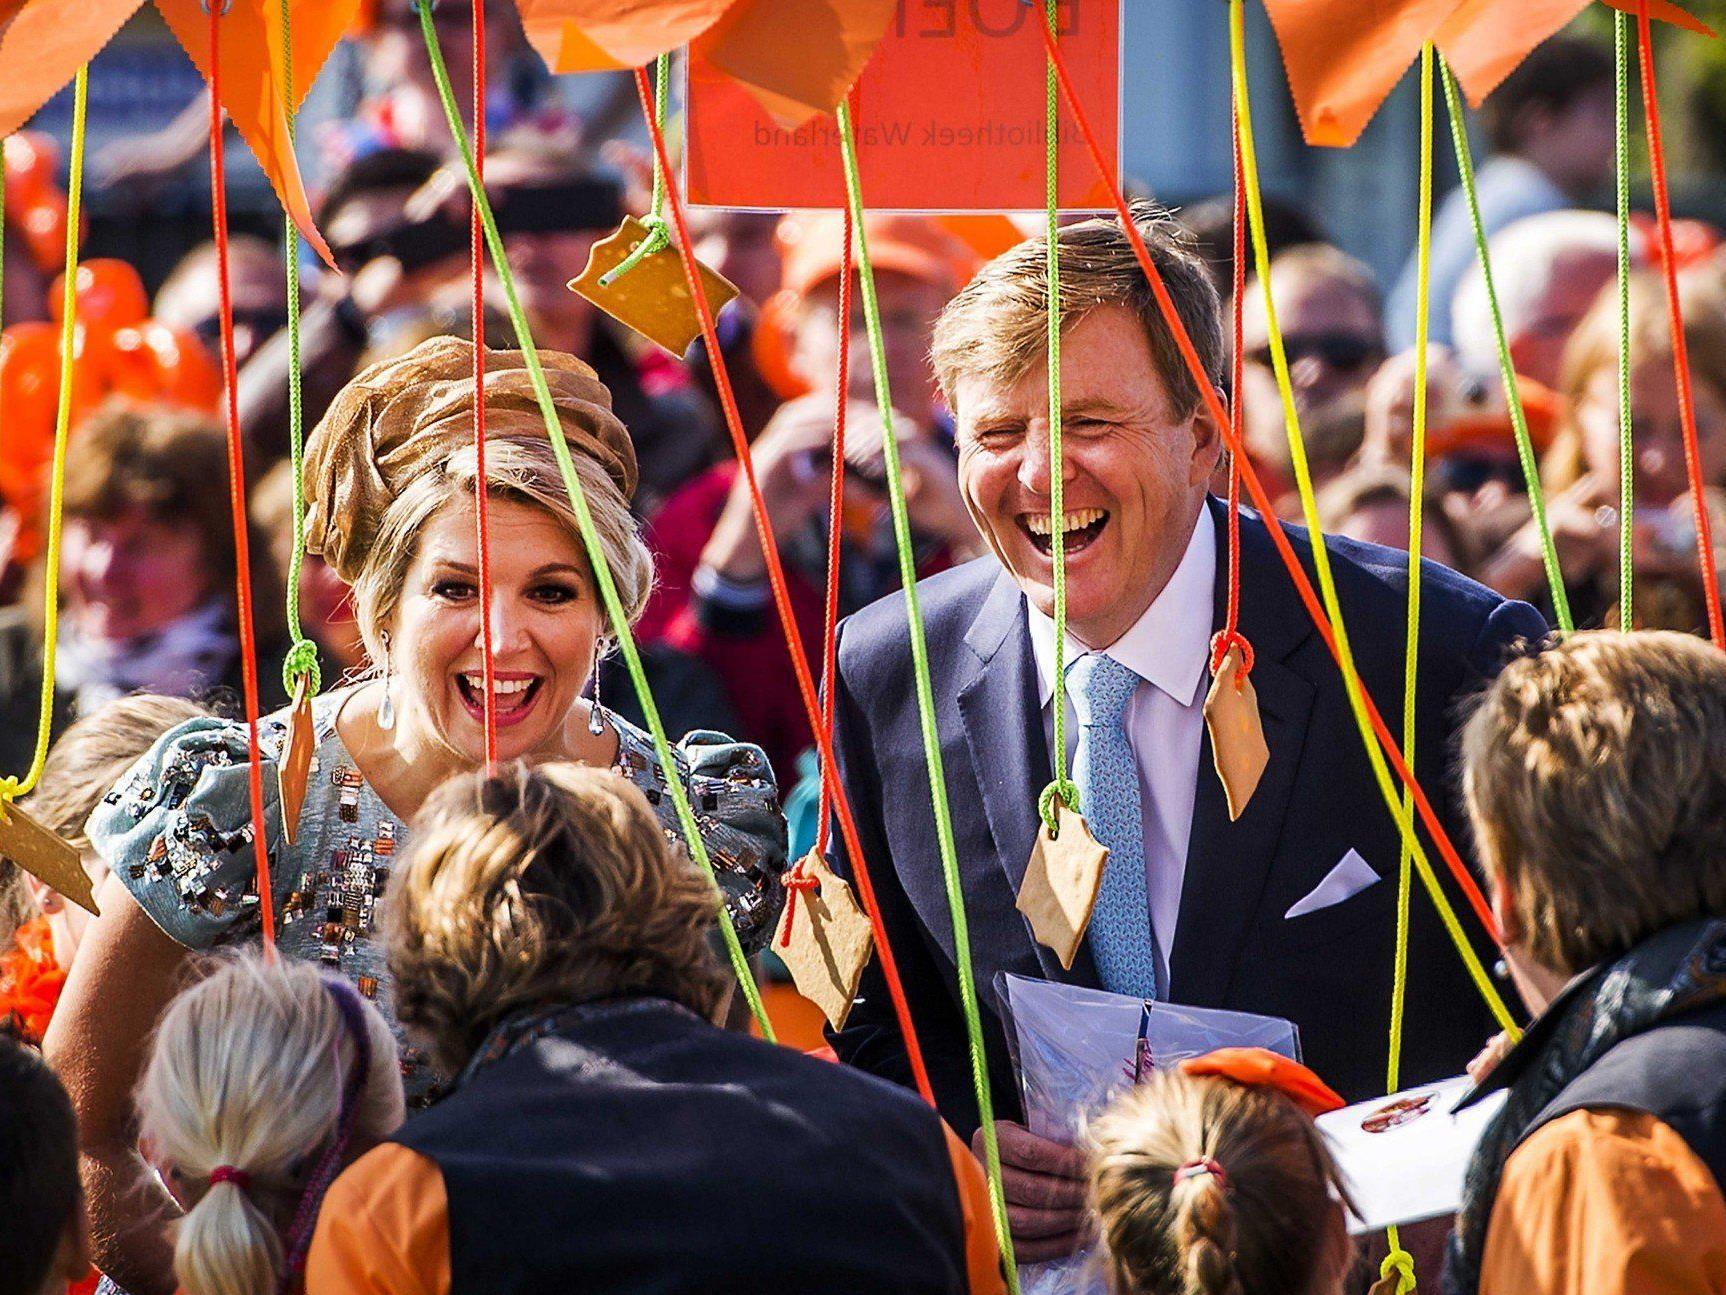 Zehntausende jubelten Willem-Alexander, Maxima und den drei Prinzessinnen zu.